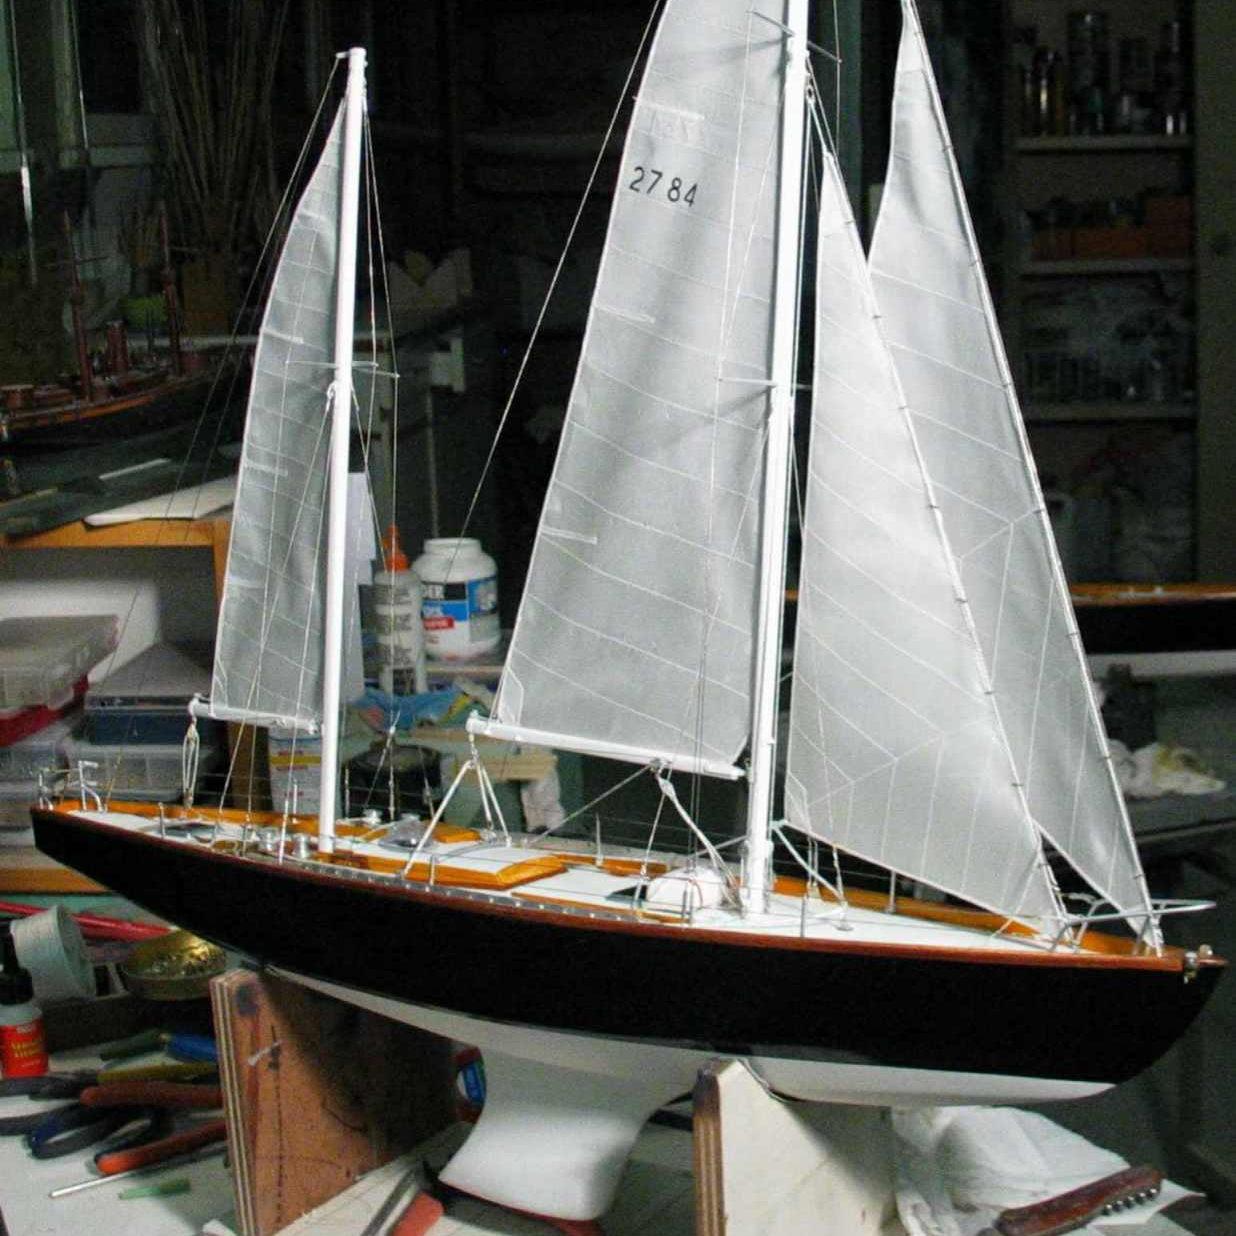 Maquette de Pen Duick II Bateau de course au large d'Éric Tabarly Voilier